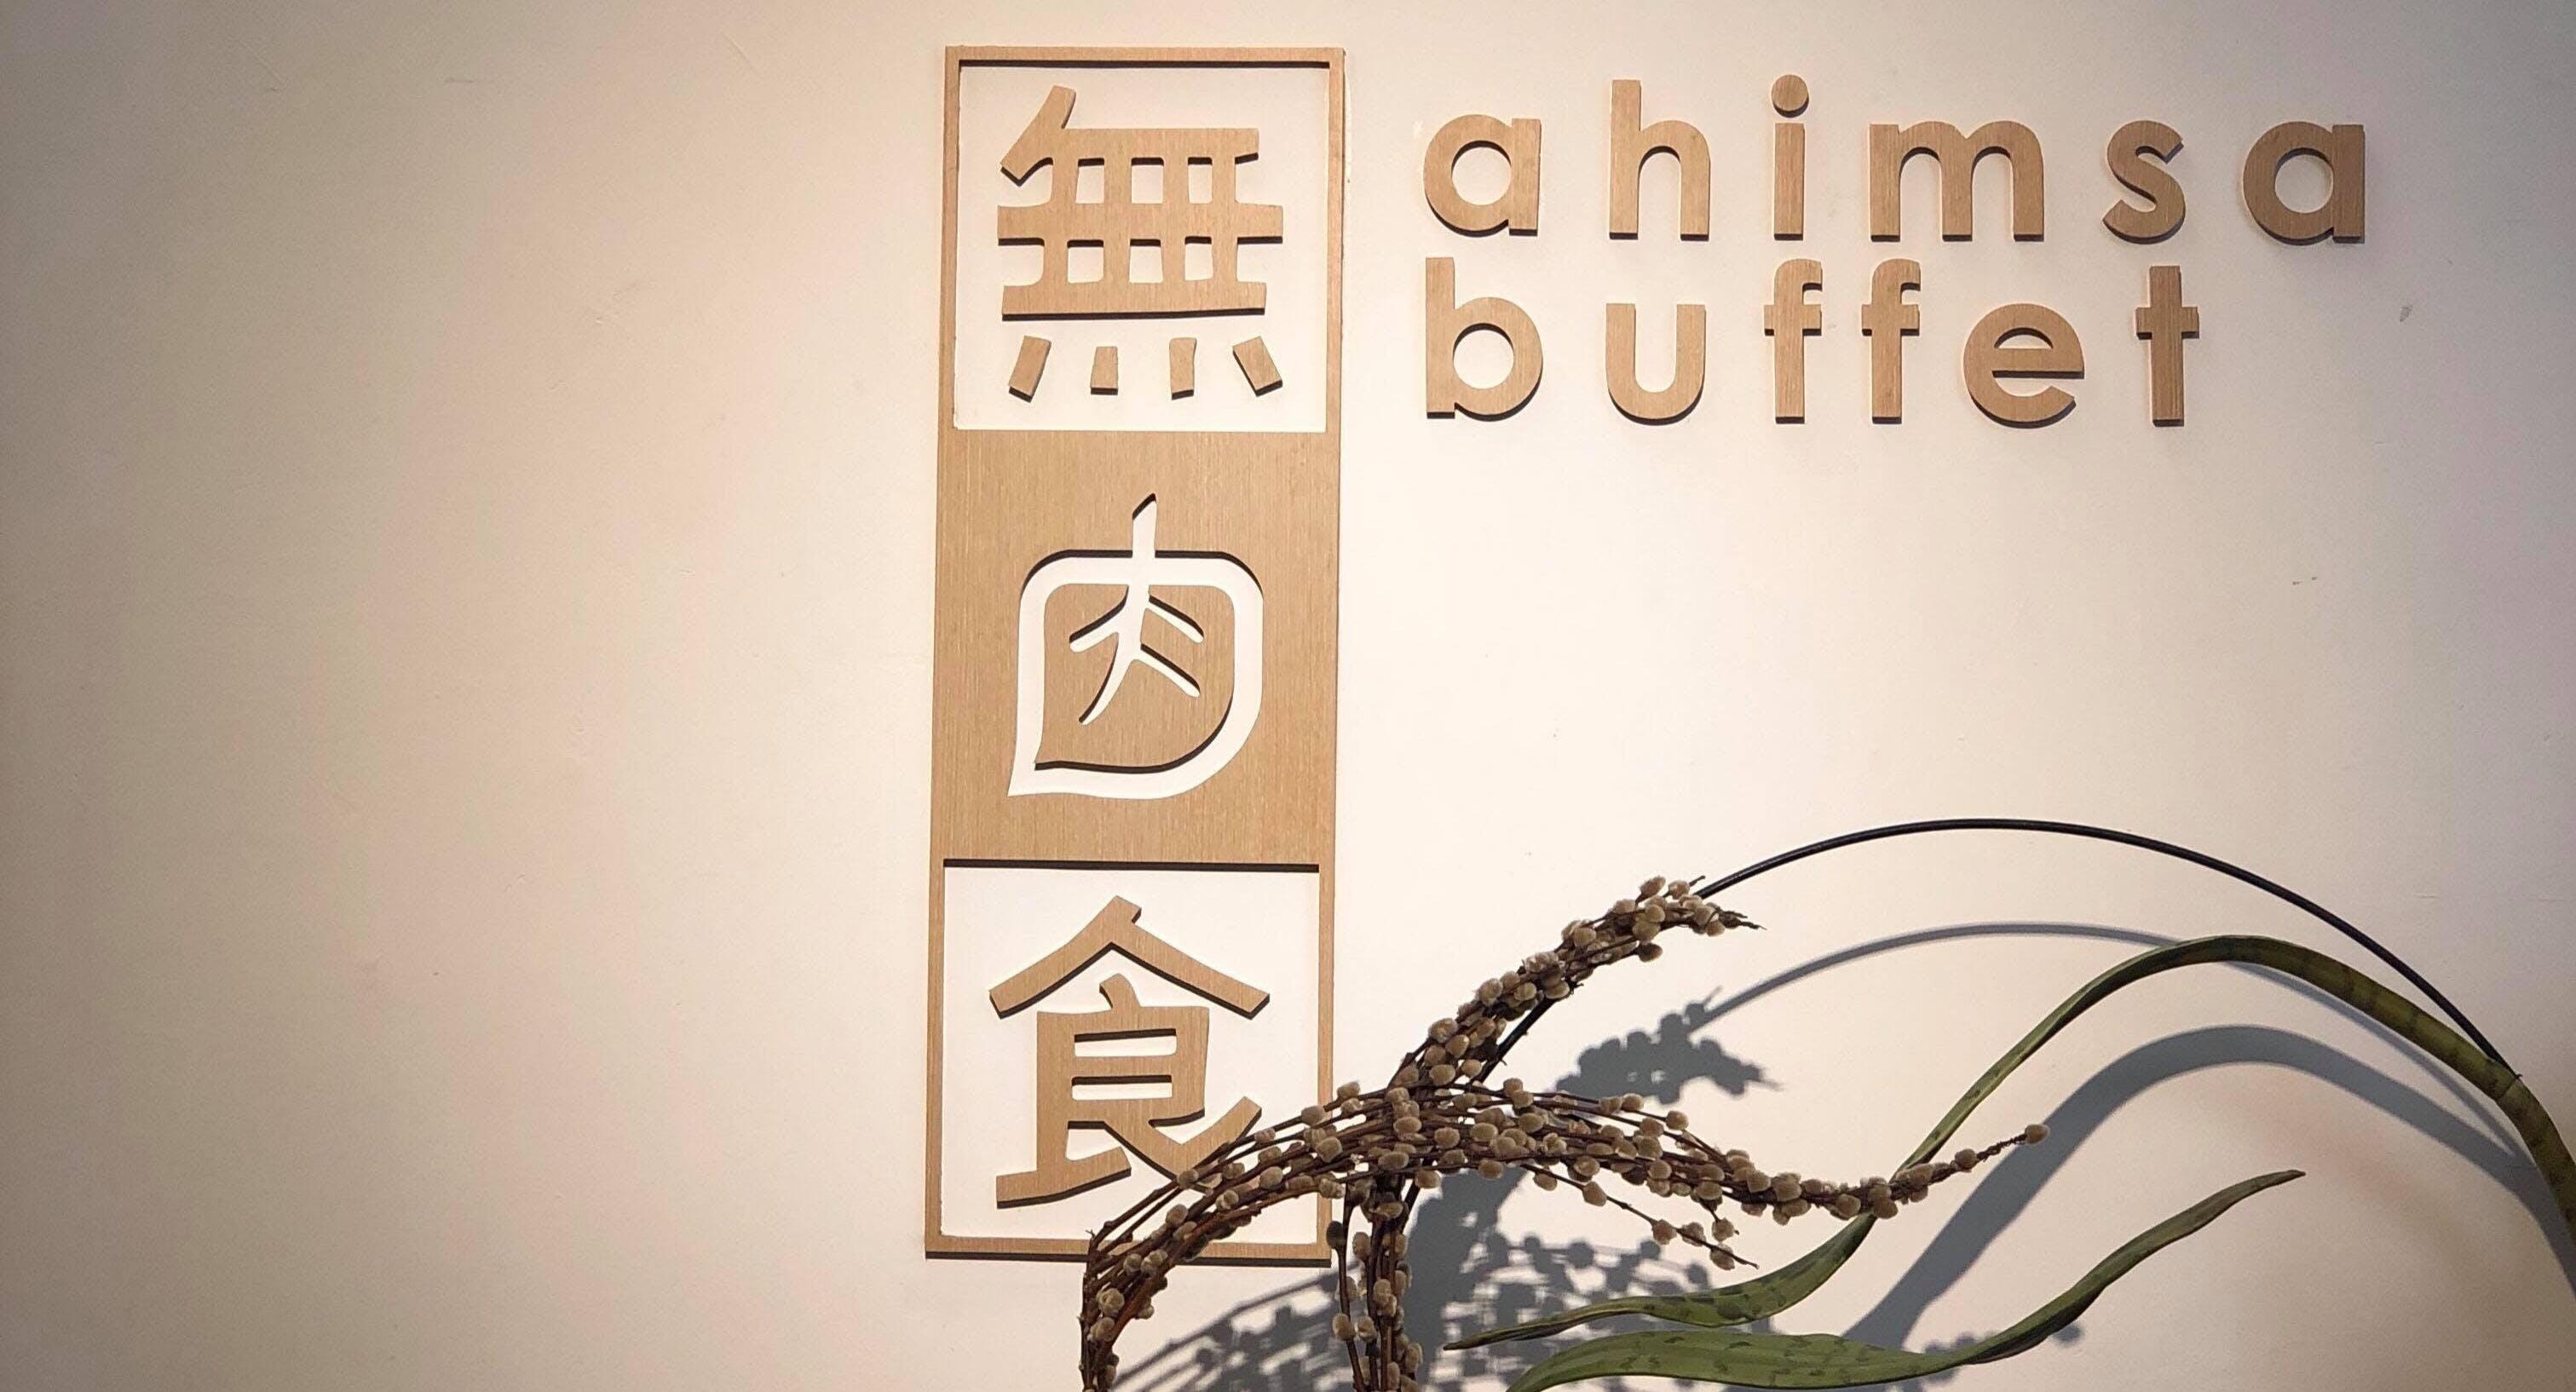 Ahimsa Buffet 無肉食 - Mong Kok Hongkong image 2